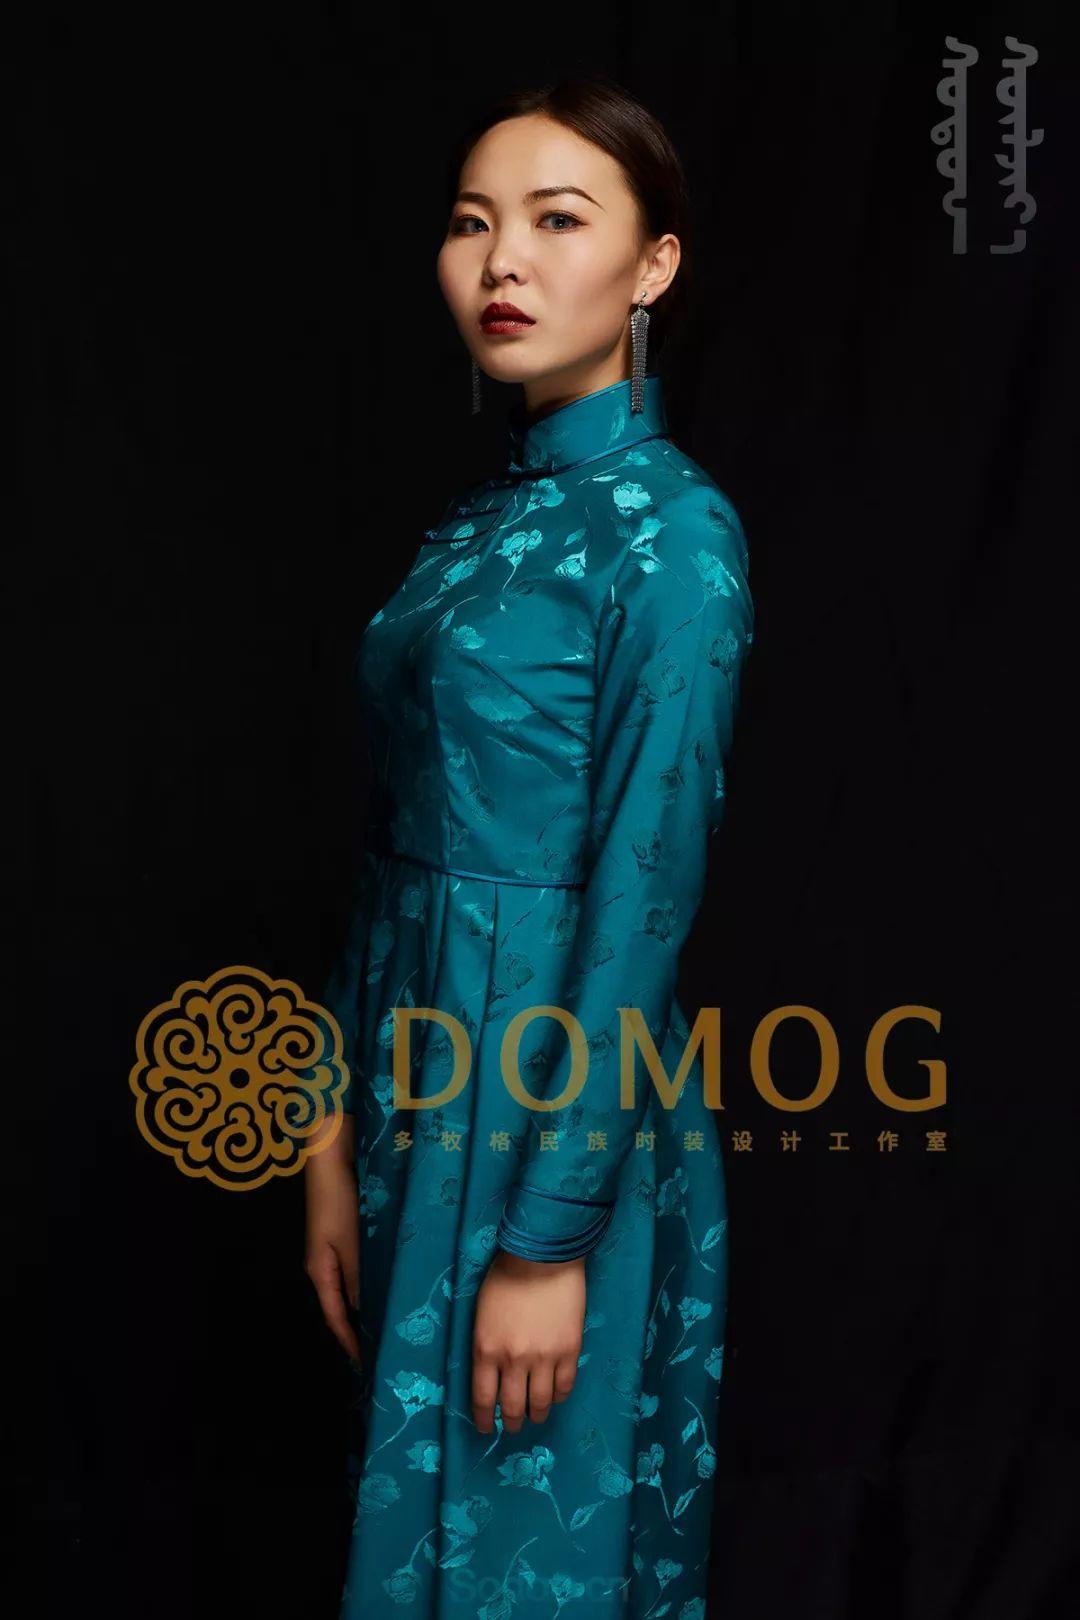 DOMOG蒙古时装绝美秋冬款系列,美出新高度! 第27张